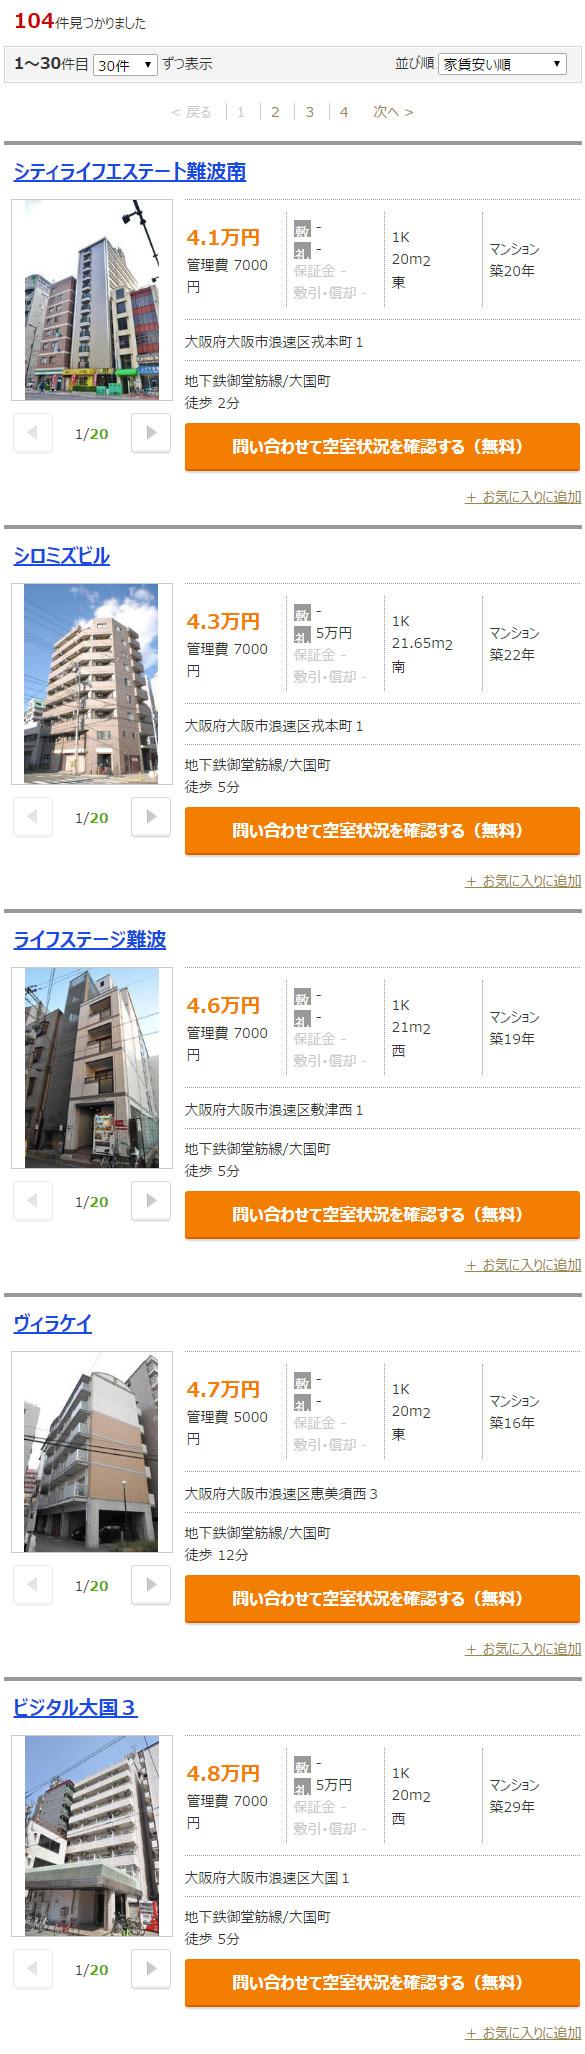 大国町駅周辺(間取り1K、駅から徒歩15分以内、バス・トイレ別)の賃貸物件一覧